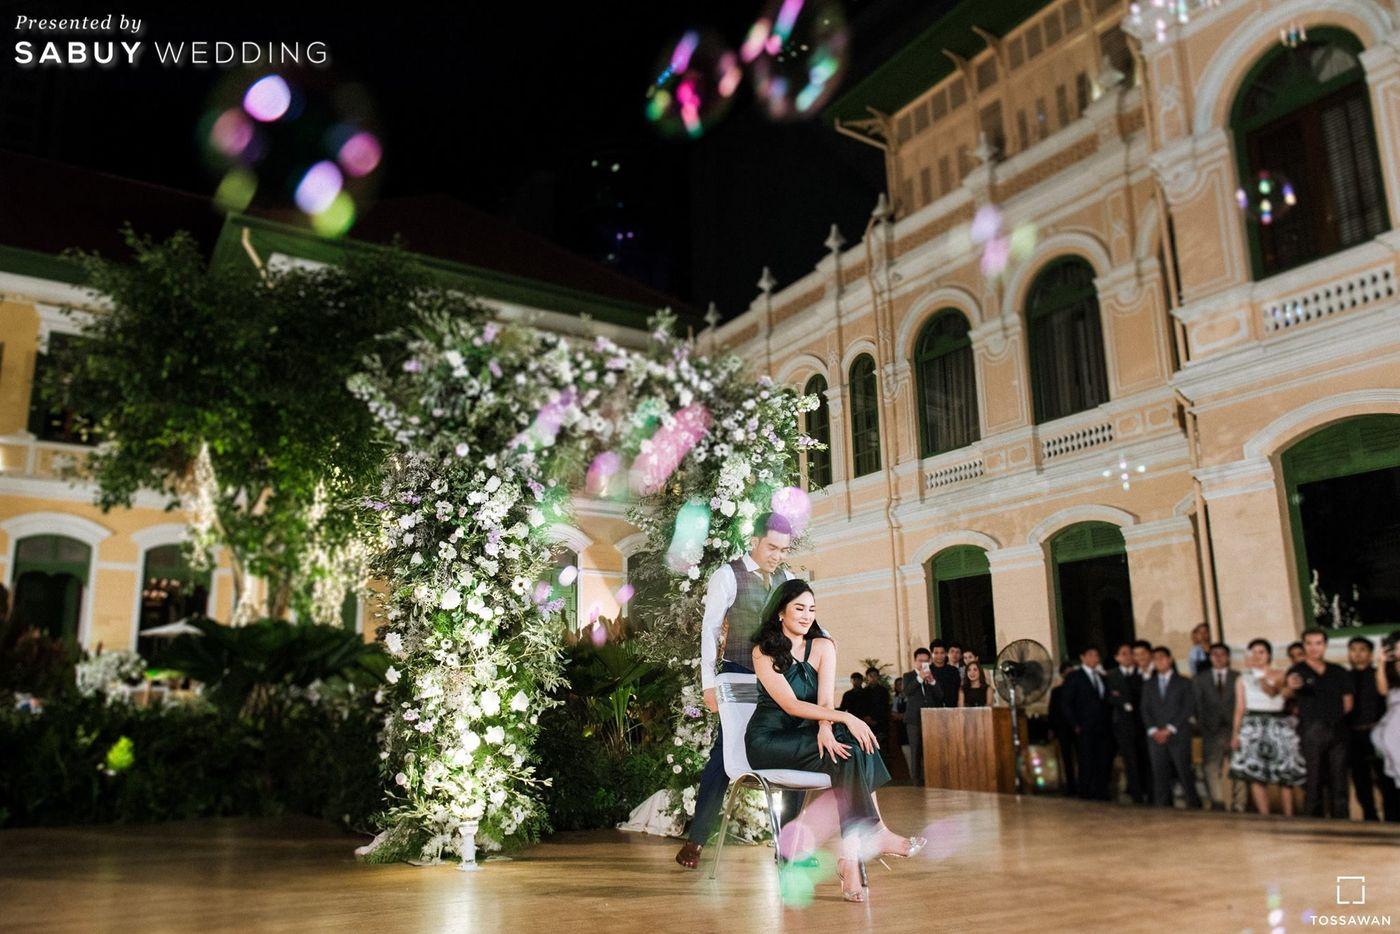 อาฟเตอร์ปาร์ตี้,จัดดอกไม้งานแต่ง,สถานที่แต่งงาน,สถานที่จัดงานแต่งงาน รีวิวงานแต่ง Long Table สไตล์ฝรั่ง ในสถานที่สุดคลาสสิก @The House on Sathorn